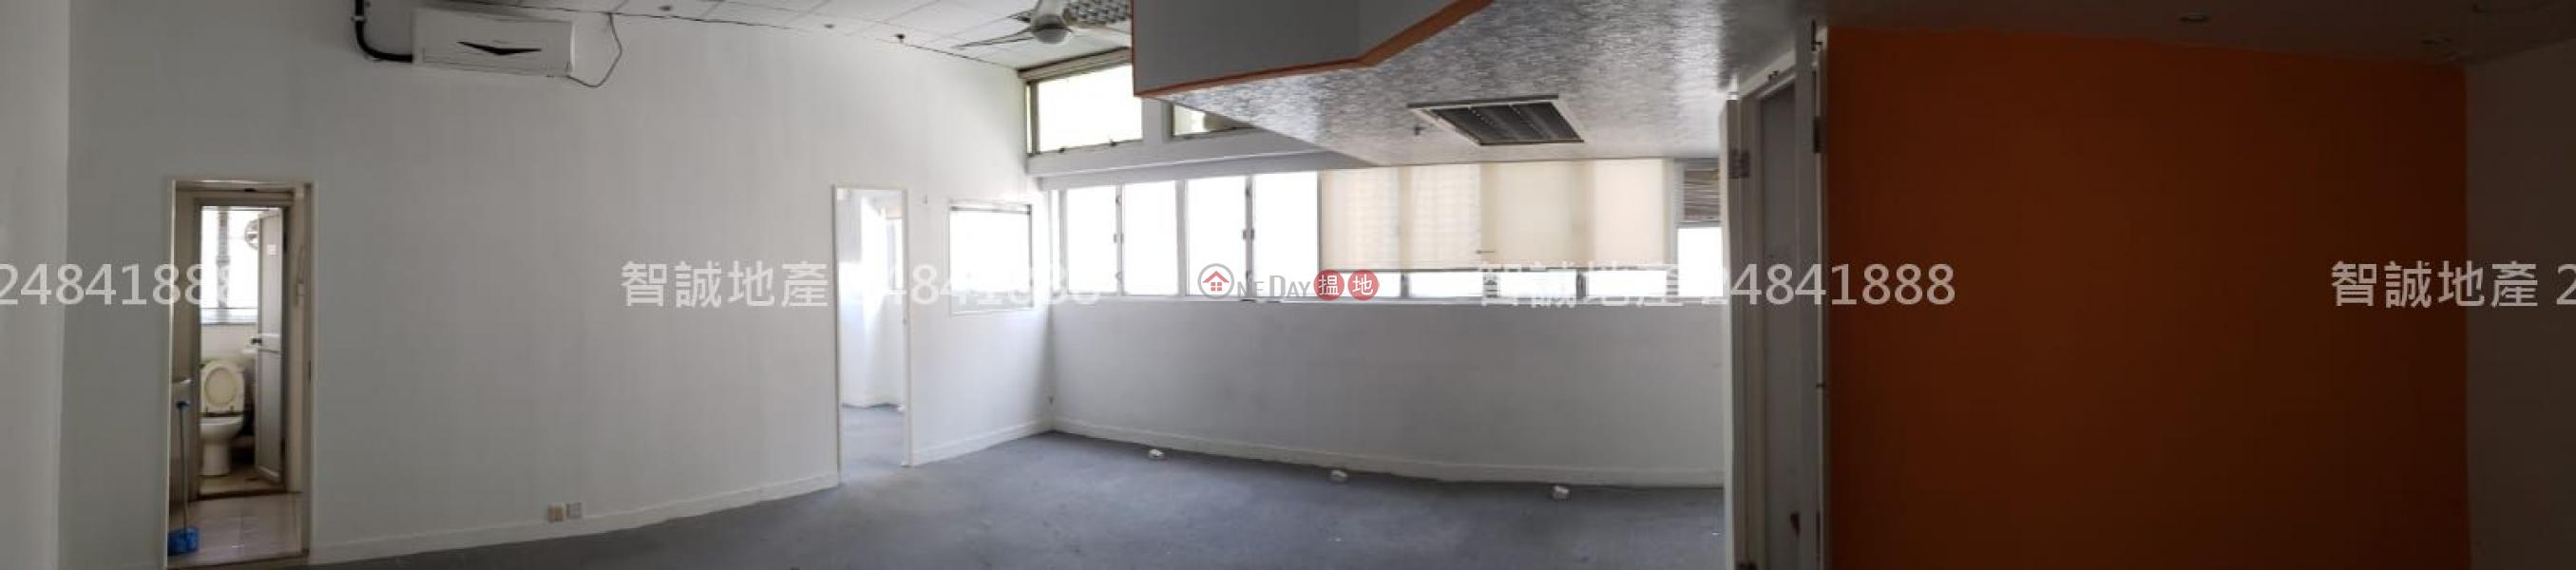 香港搵樓|租樓|二手盤|買樓| 搵地 | 工業大廈出租樓盤出租 [5分鐘葵興站] 葵昌中心